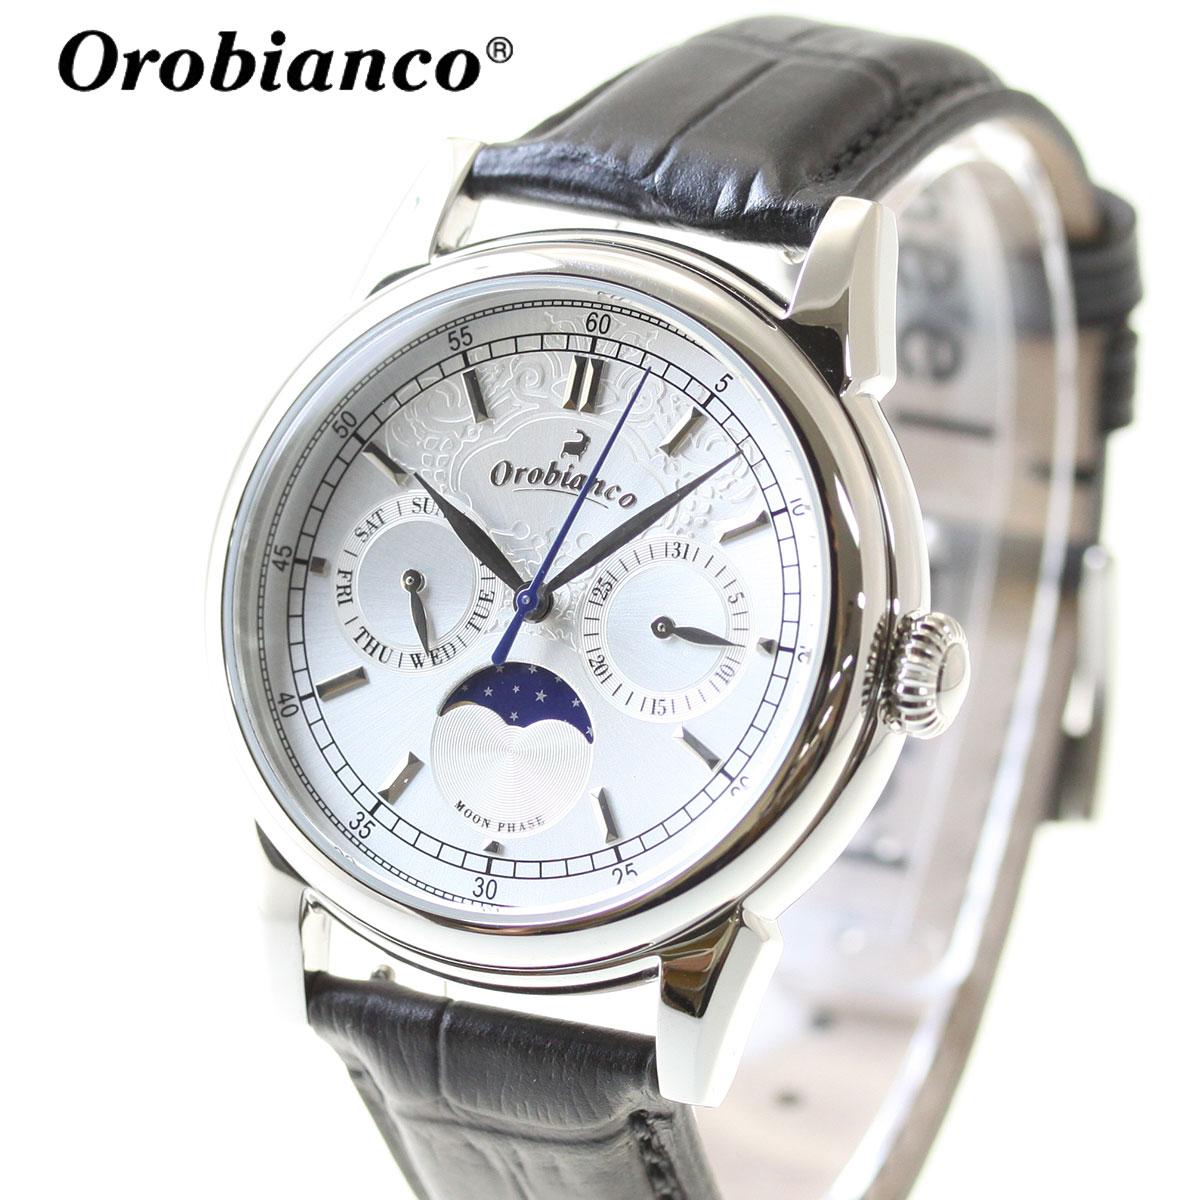 オロビアンコ 時計 メンズ Orobianco 腕時計 ビアンコネーロ BIANCONERO OR0074-3